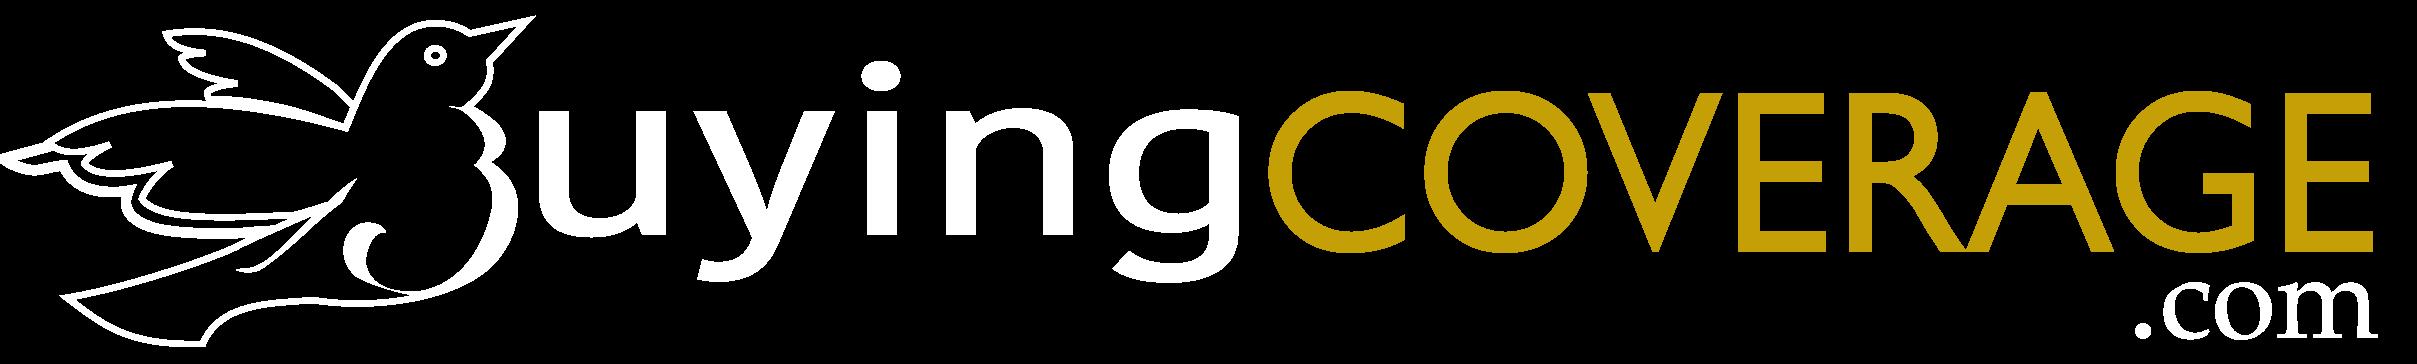 BuyingCoverage.com logo